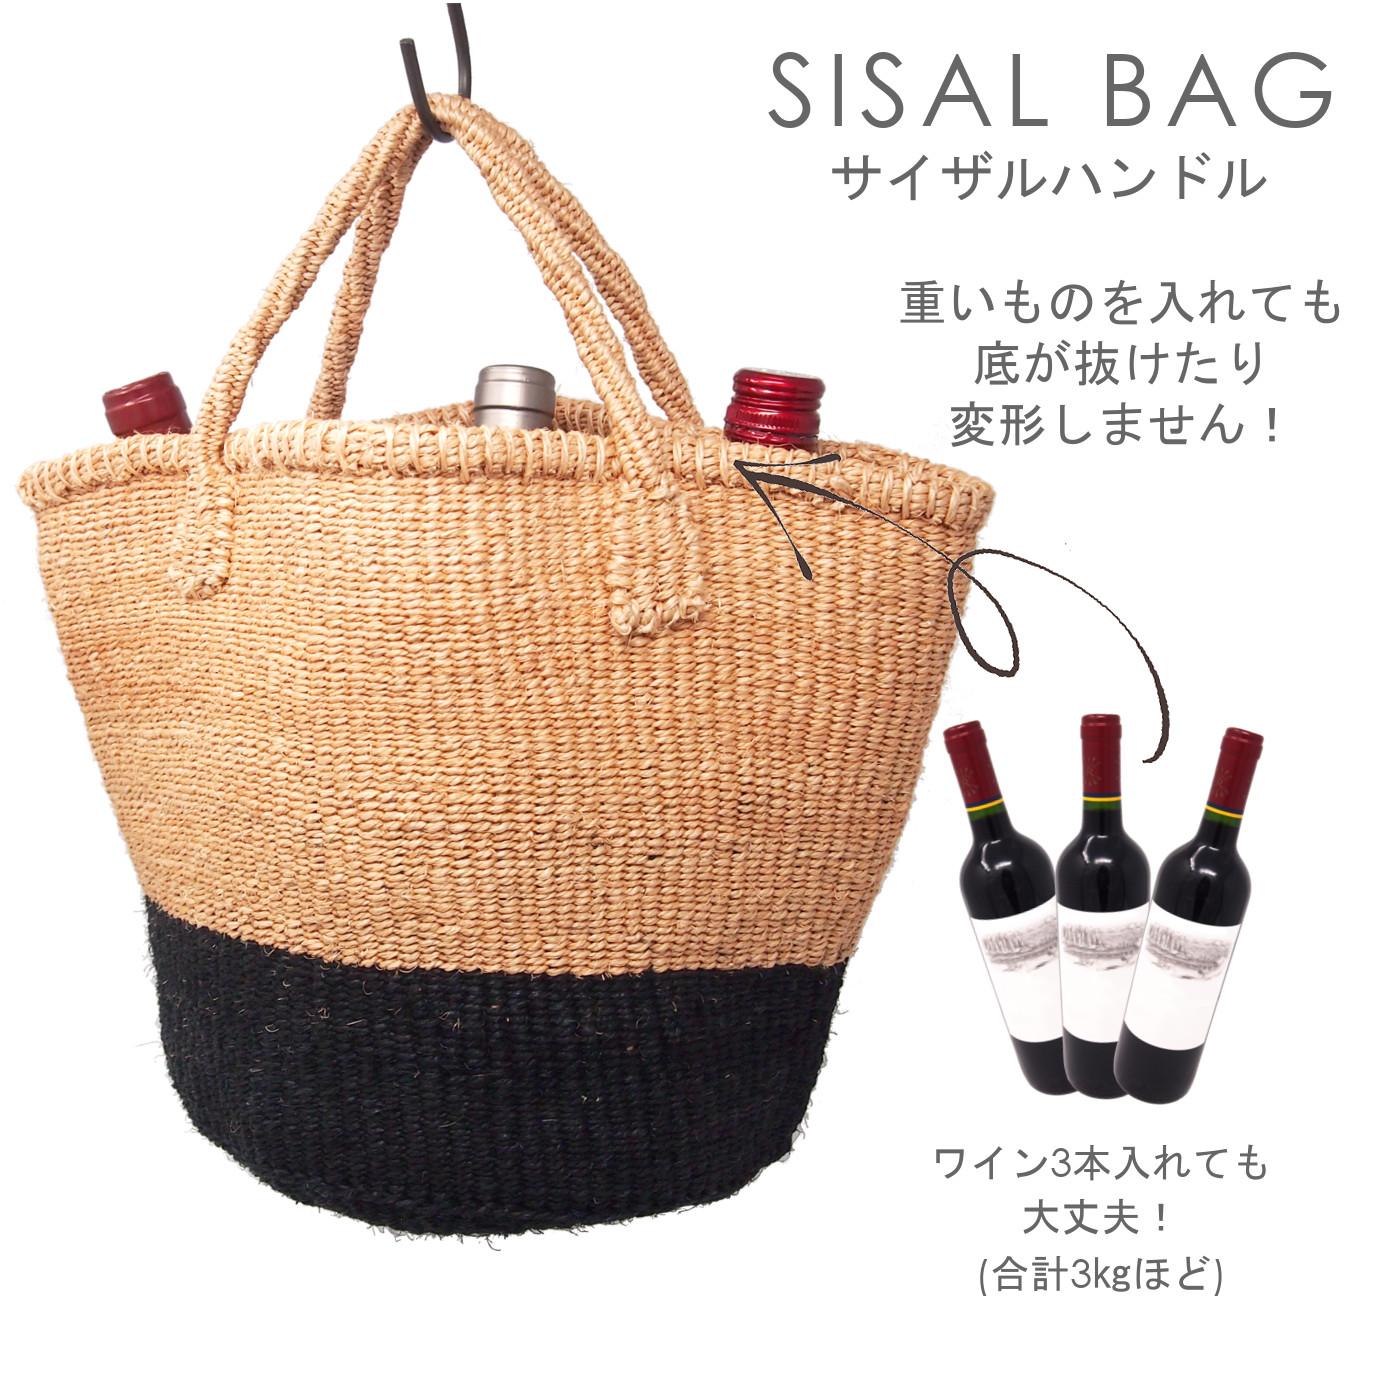 サイザルバッグ Mサイズ マーブル ワインパープル・ナチュラル